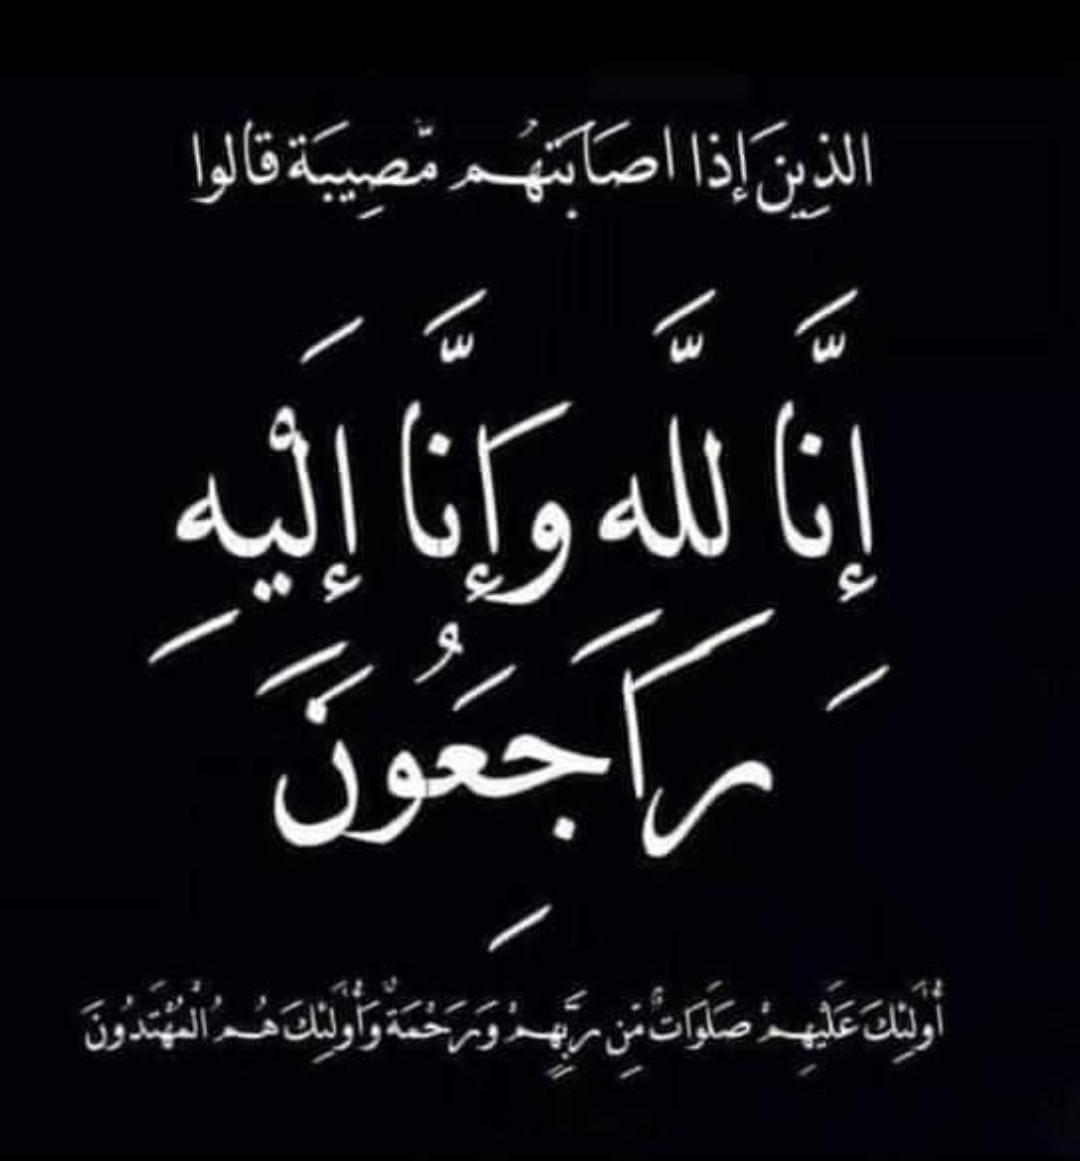 """الحاج حيدر محمد ابو شامة العقرباوي """"ابو محمود""""في ذمة الله"""